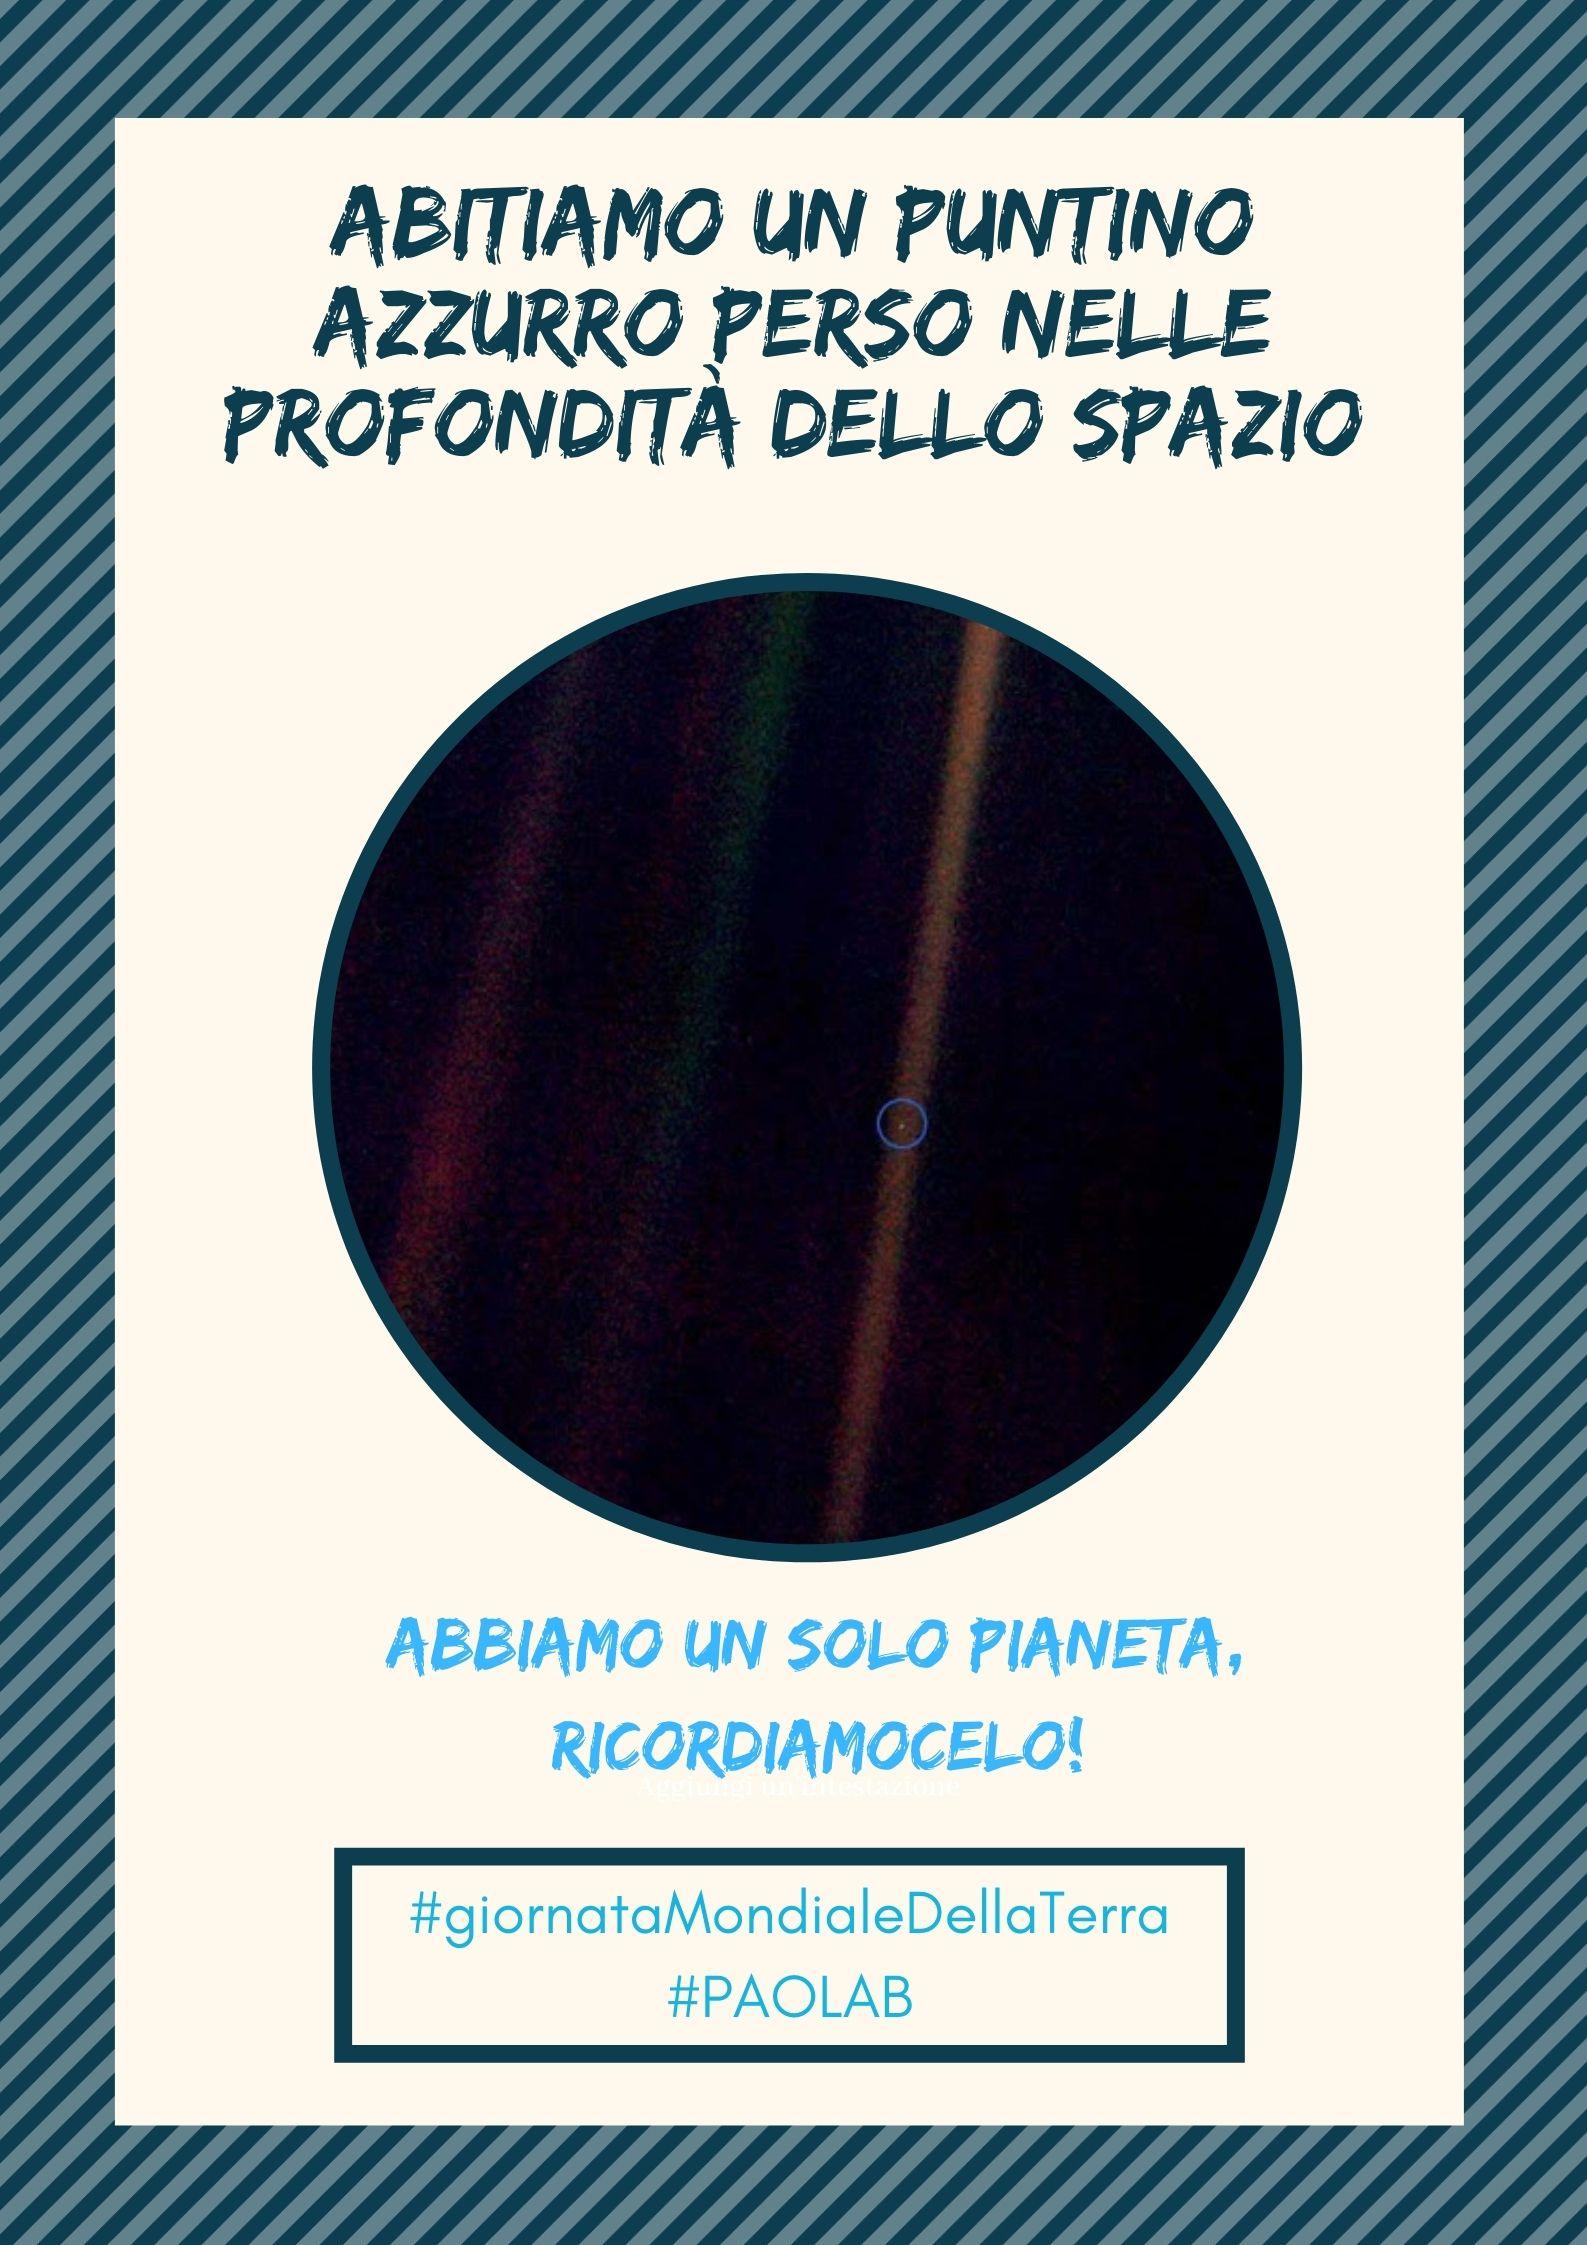 Giallo e Bianco con Foto Protezione Ambientale Evento Poster